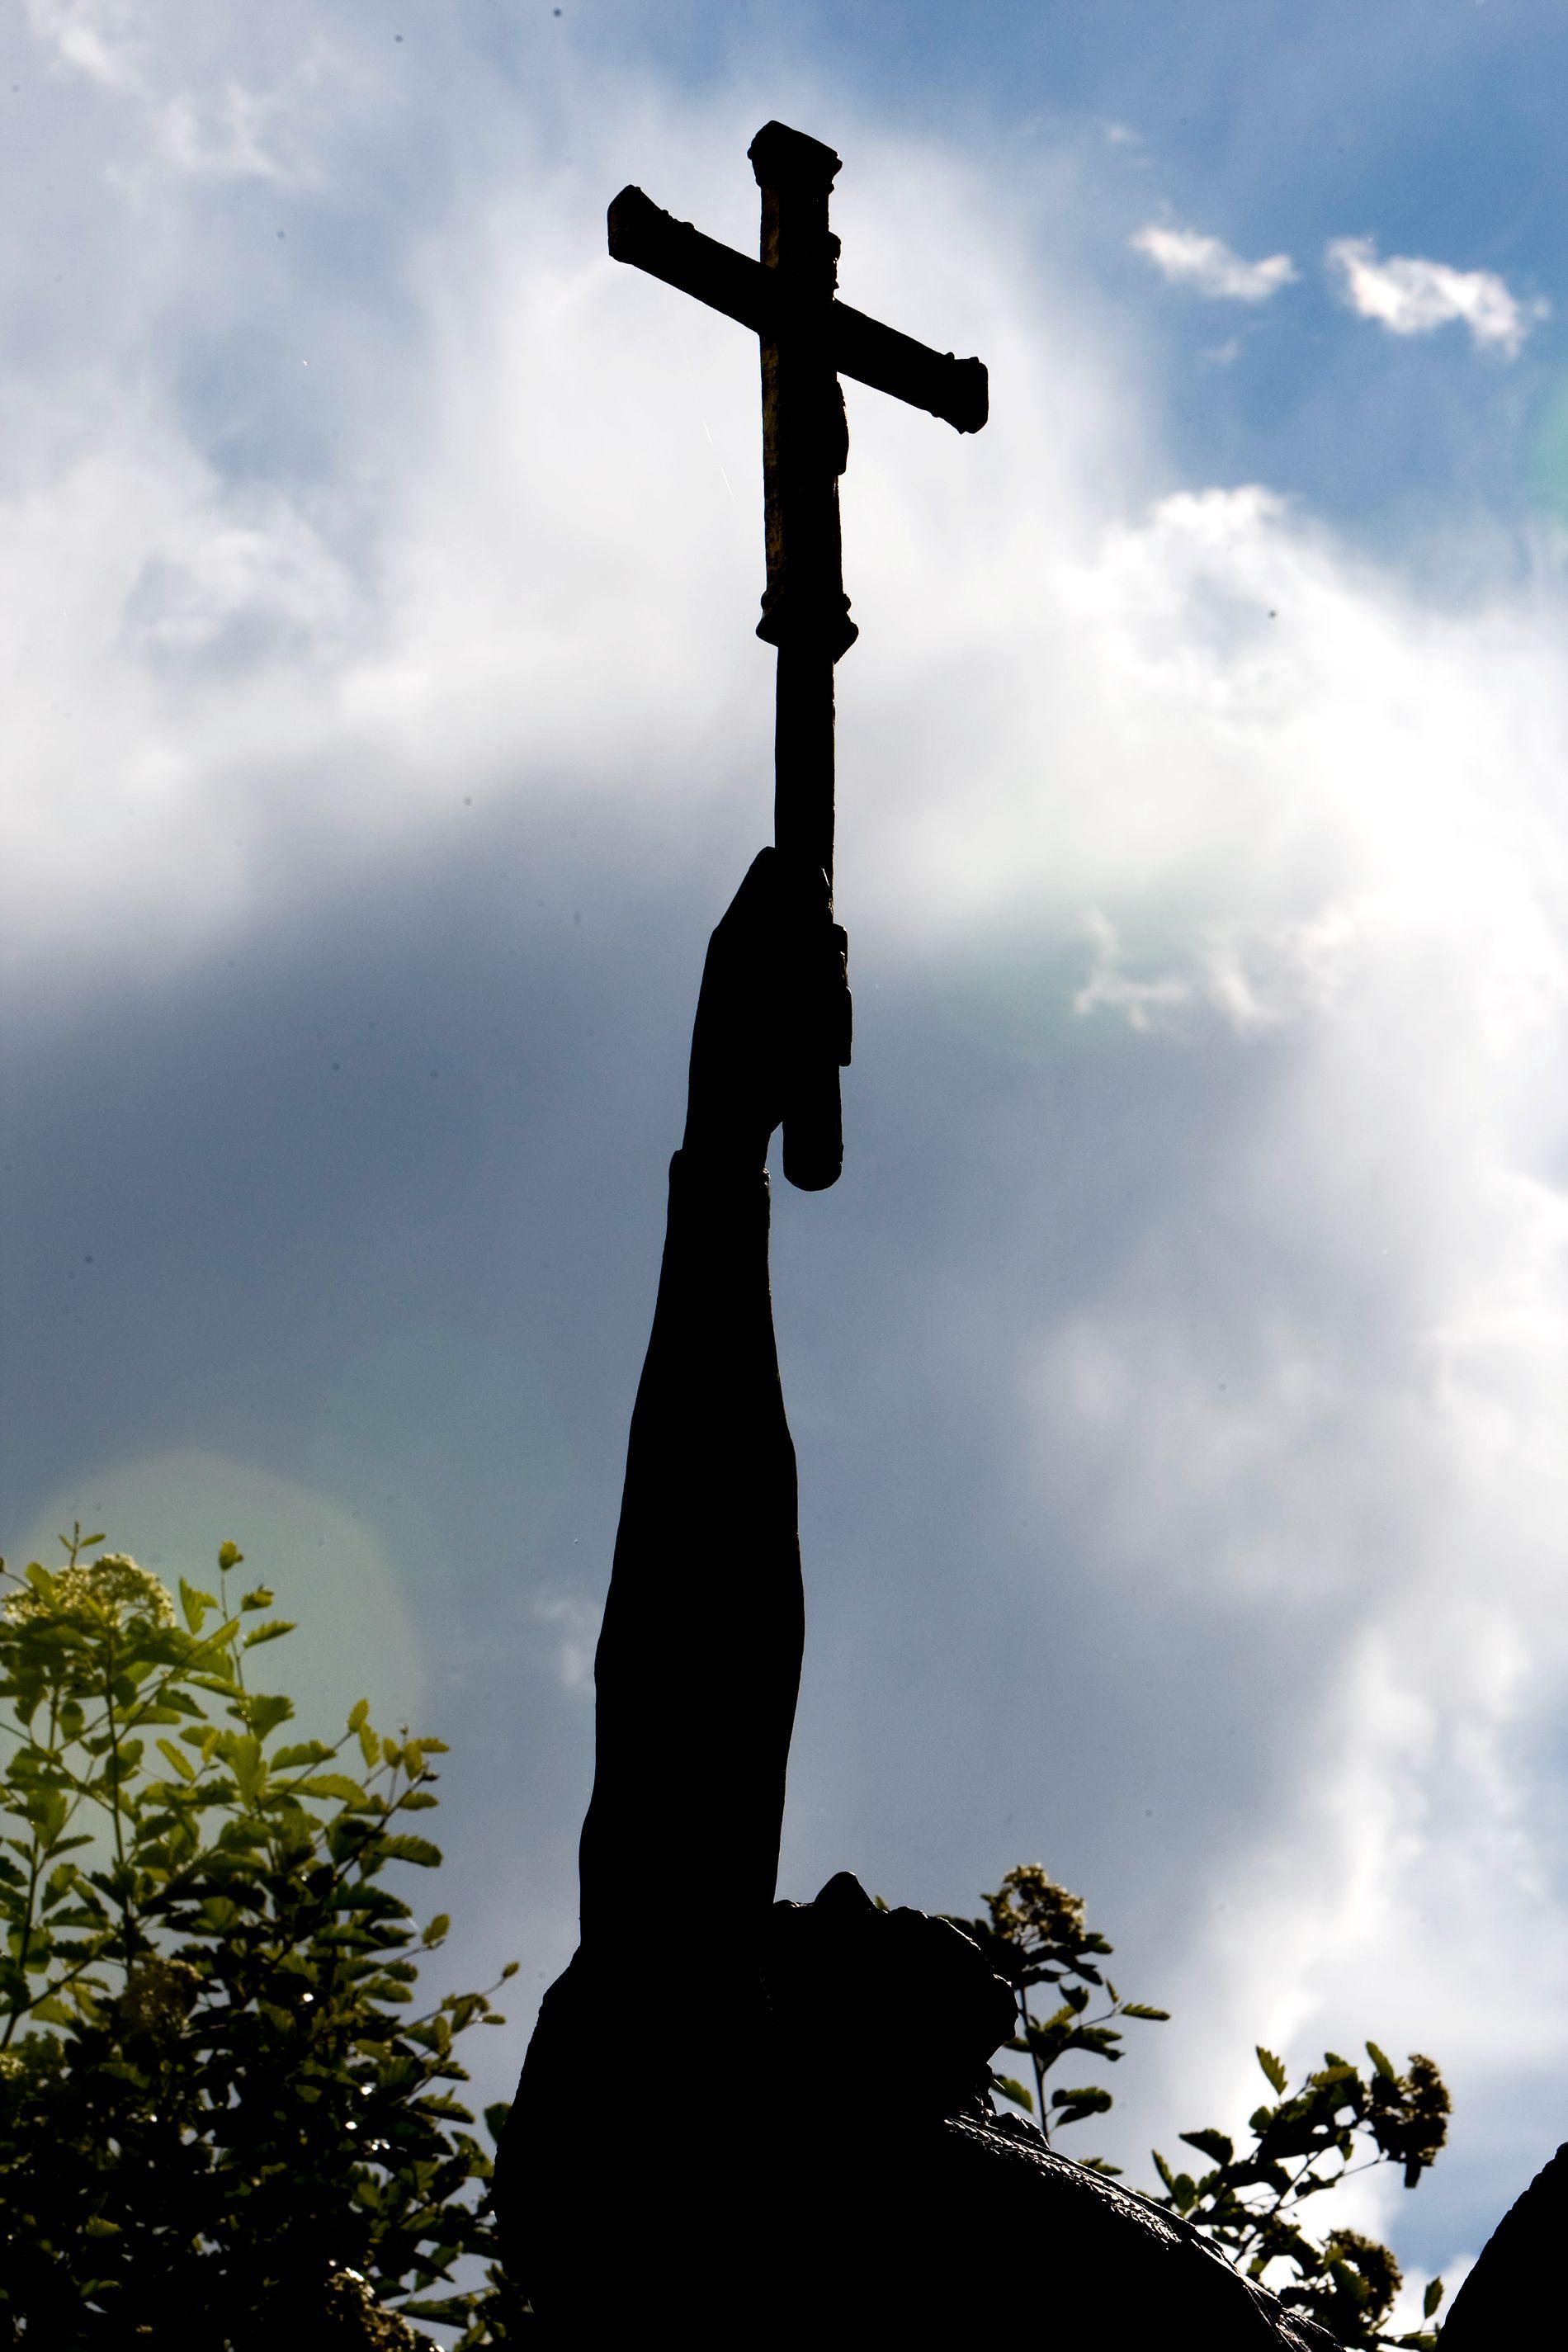 Statuen av Olav den hellige i Amfiet på Stiklestad der Spelet om Heilag Olav spilles. På Stiklestad i 1030 stod det avgjørende slaget i kristningen av Norge. FOTO: NTB Scanpix